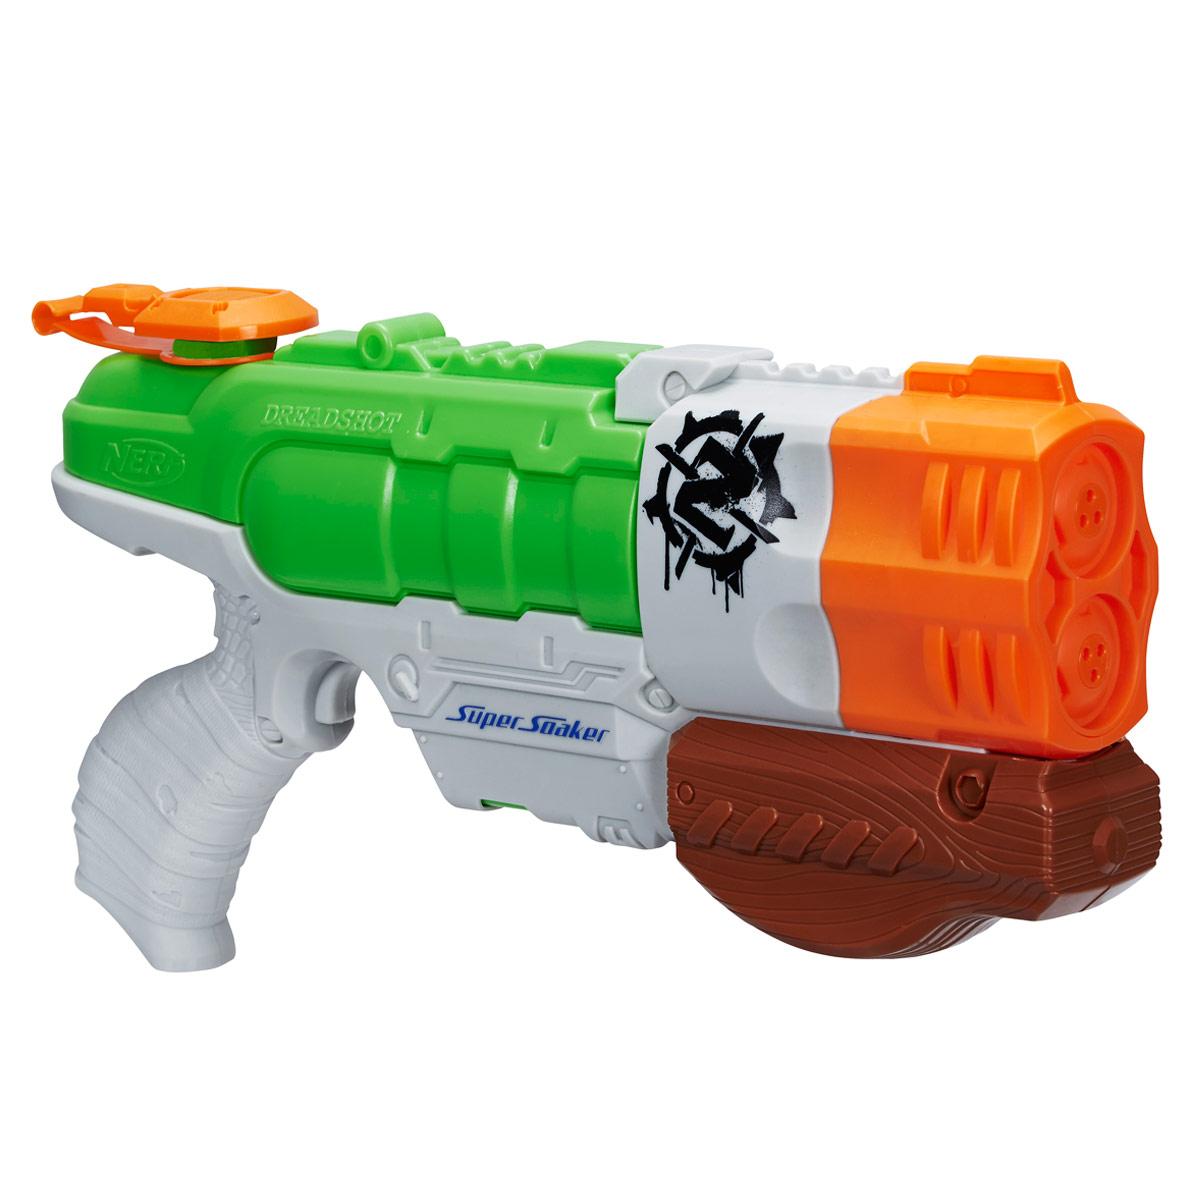 Nerf Водный бластер  Super Soaker: Дрэдшот  - Игрушечное оружие